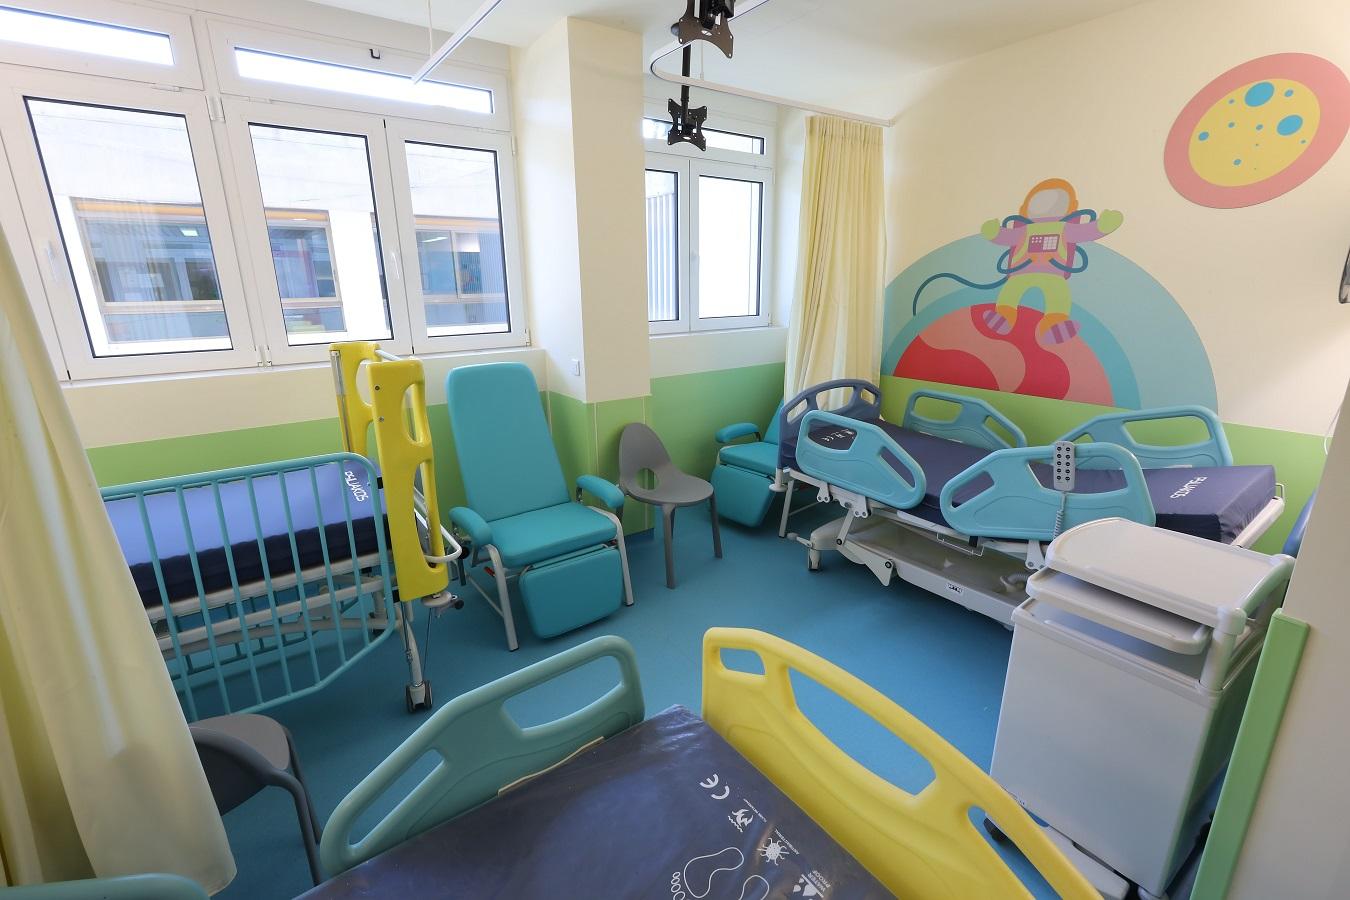 Το πριν και το μετά της ανακαίνισης του ΟΠΑΠ στα παιδιατρικά νοσοκομεία